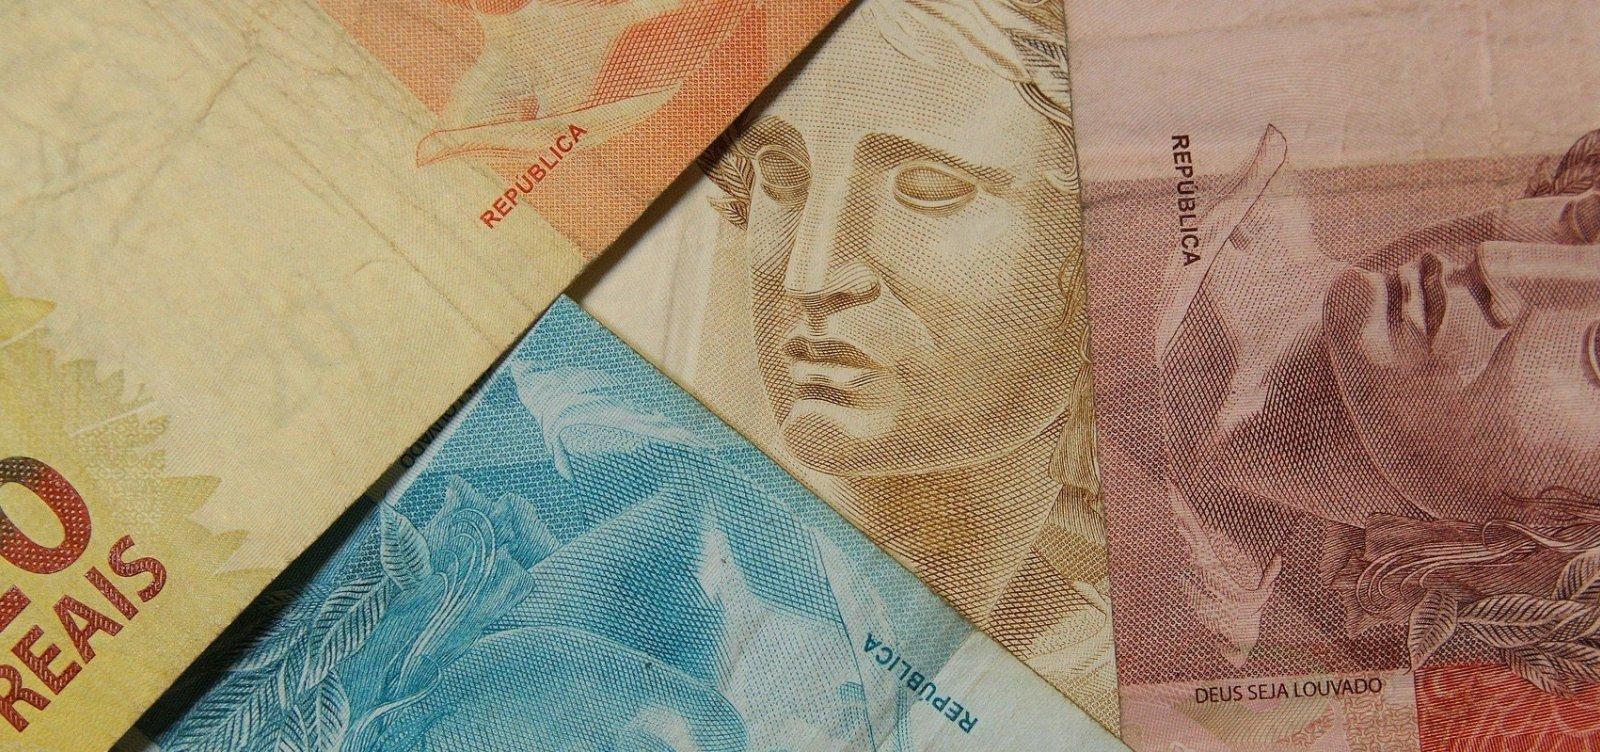 [União bancou R$ 13,26 bilhões de dívidas de estados e municípios em 2020]